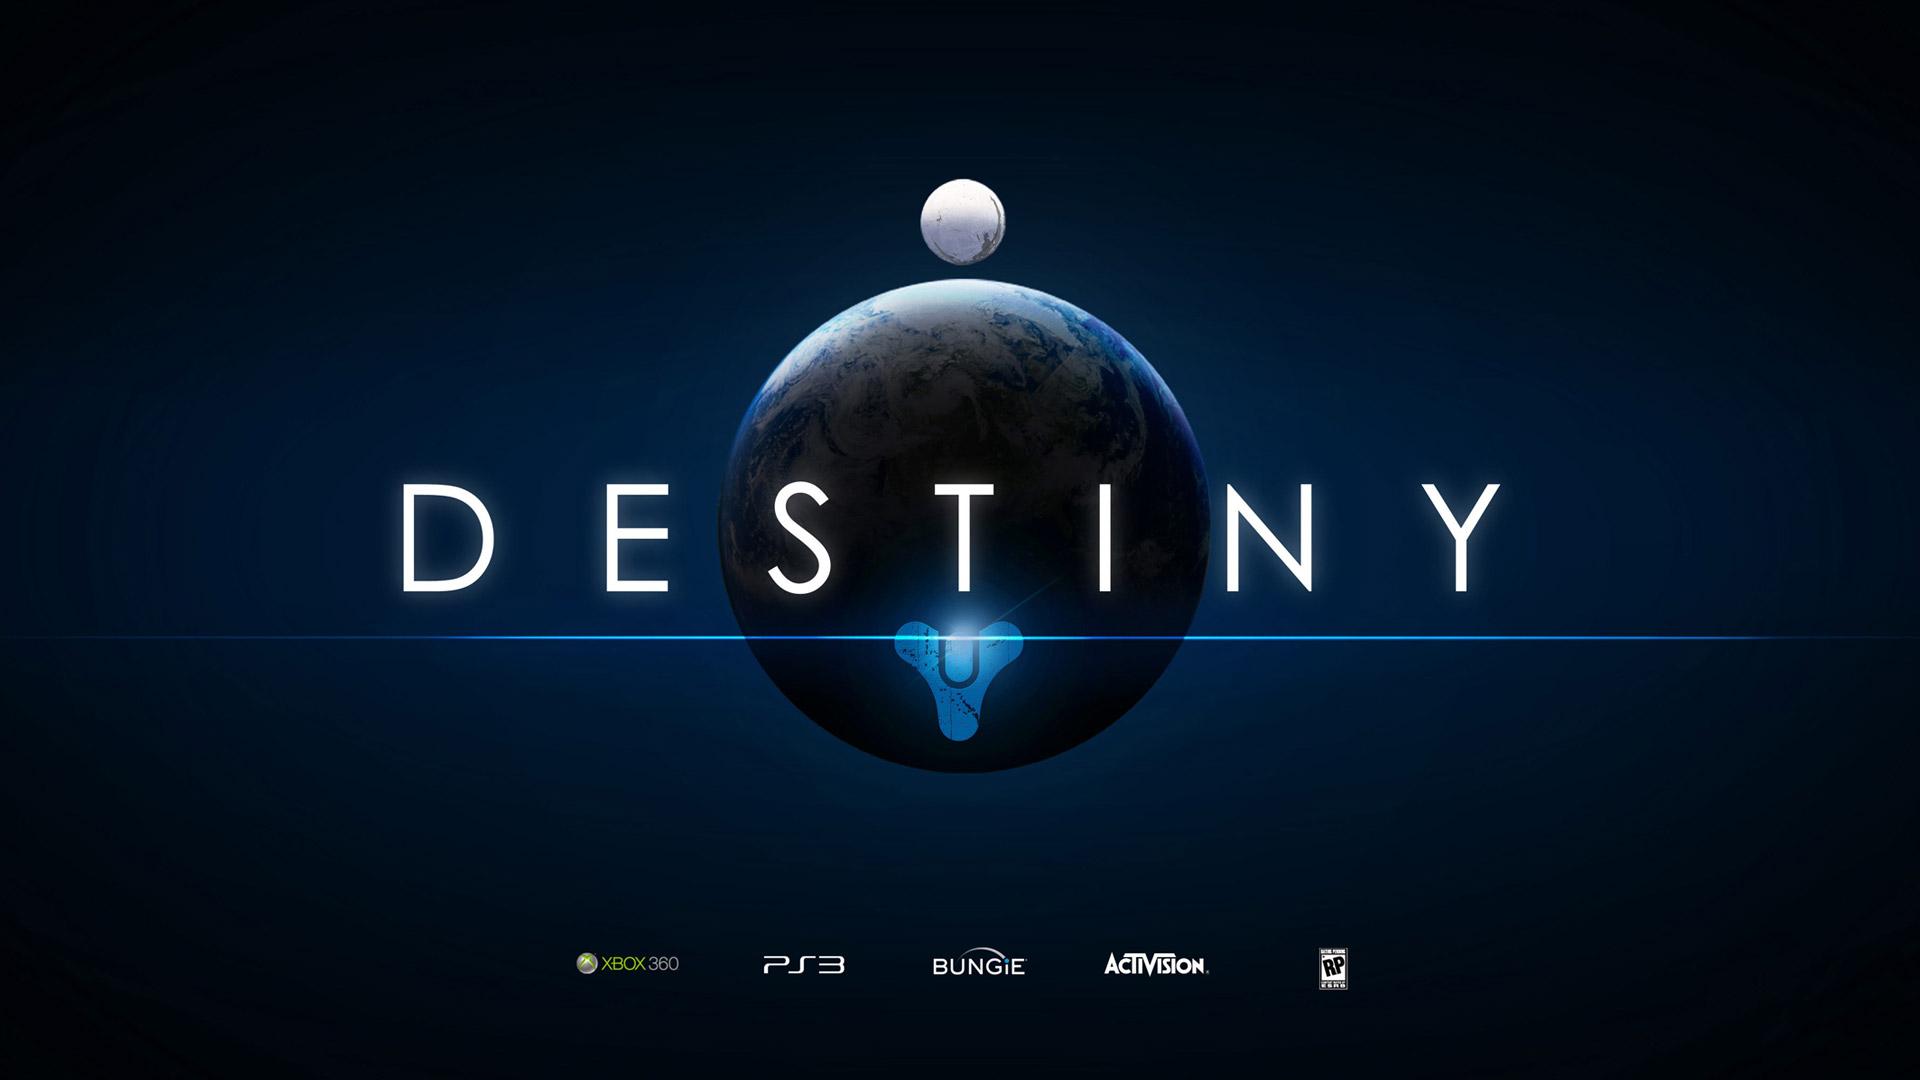 Destiny wallpaper 19